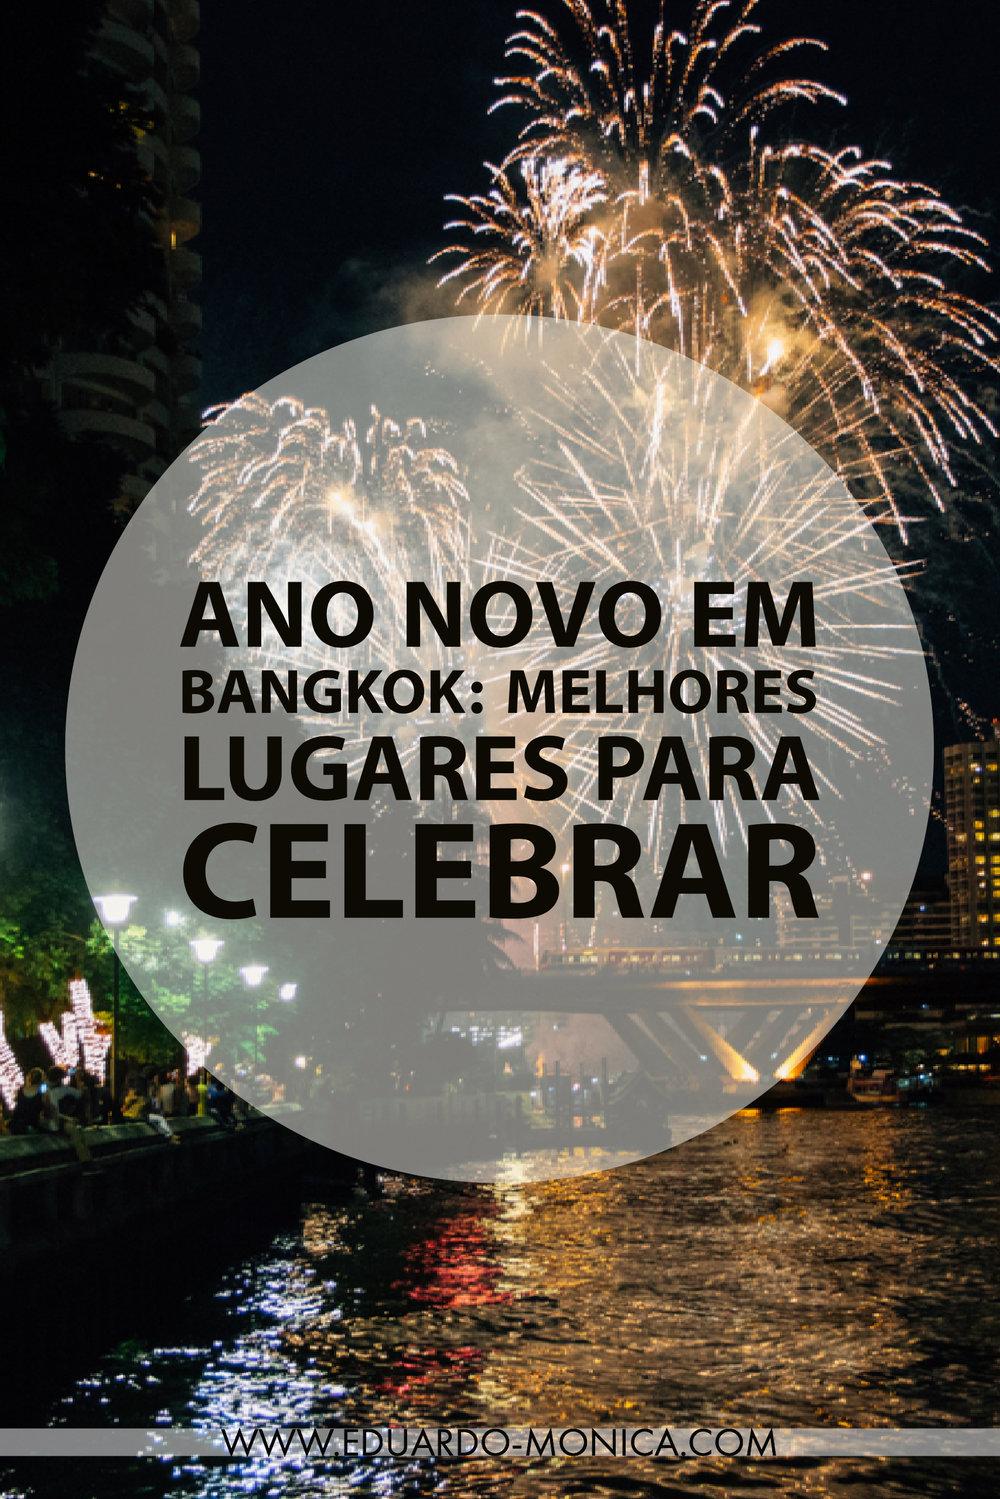 Ano Novo Em Bangkok: